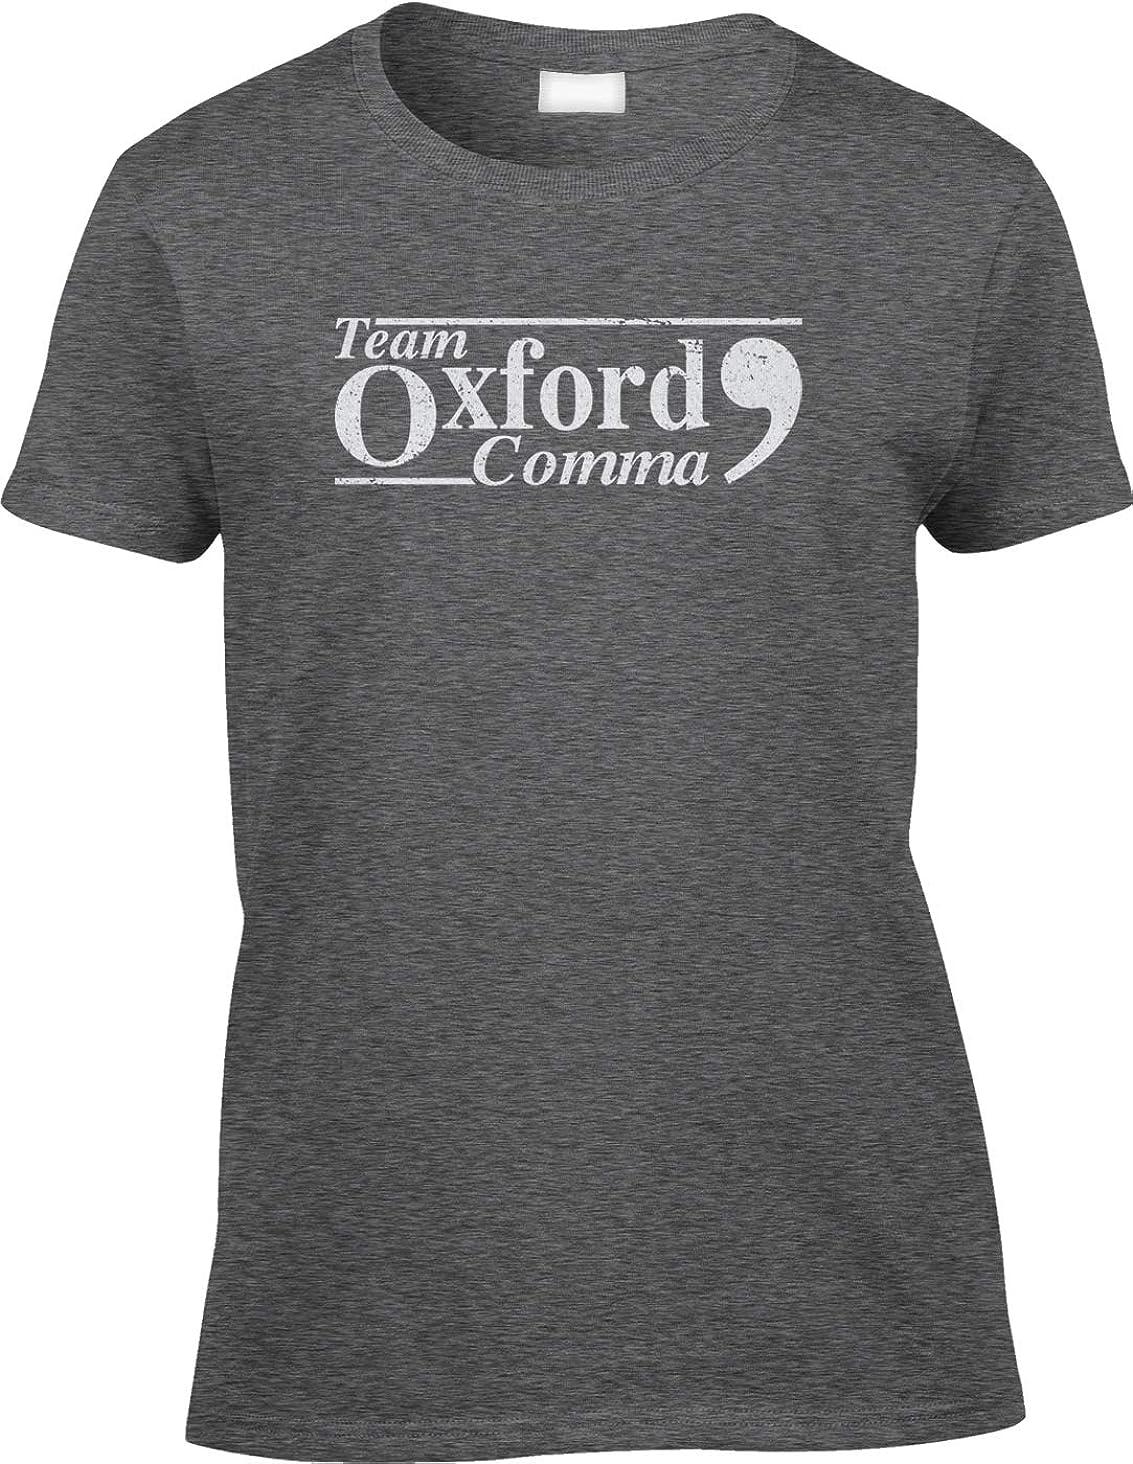 Blittzen Womens/Ladies T-Shirt Team Oxford Comma - Punctuation Proud